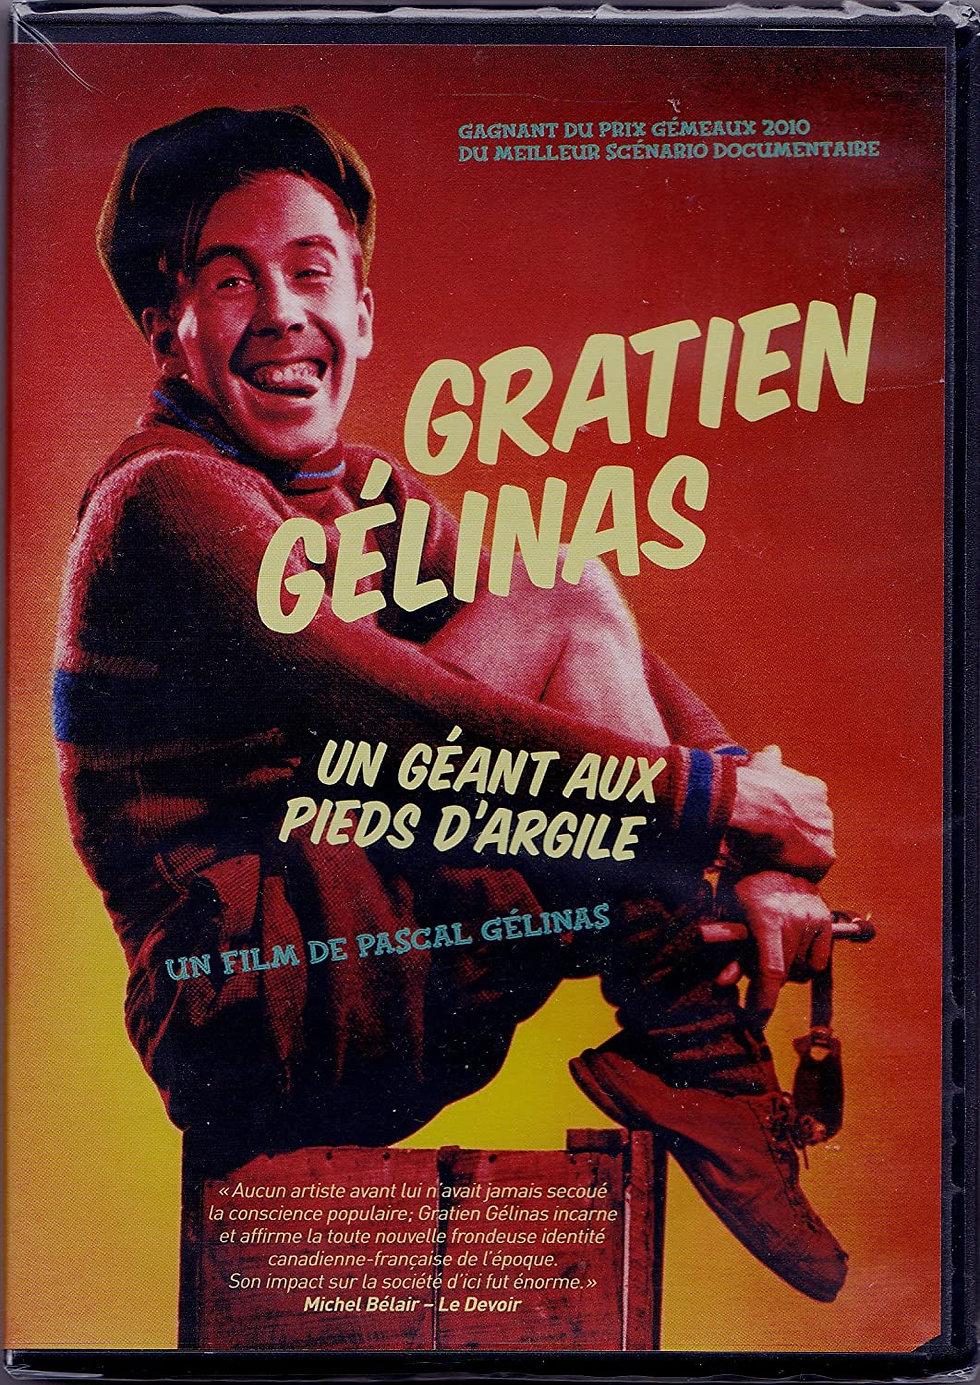 Gratien_Gélinas,_un_géant_aux_pieds_d'